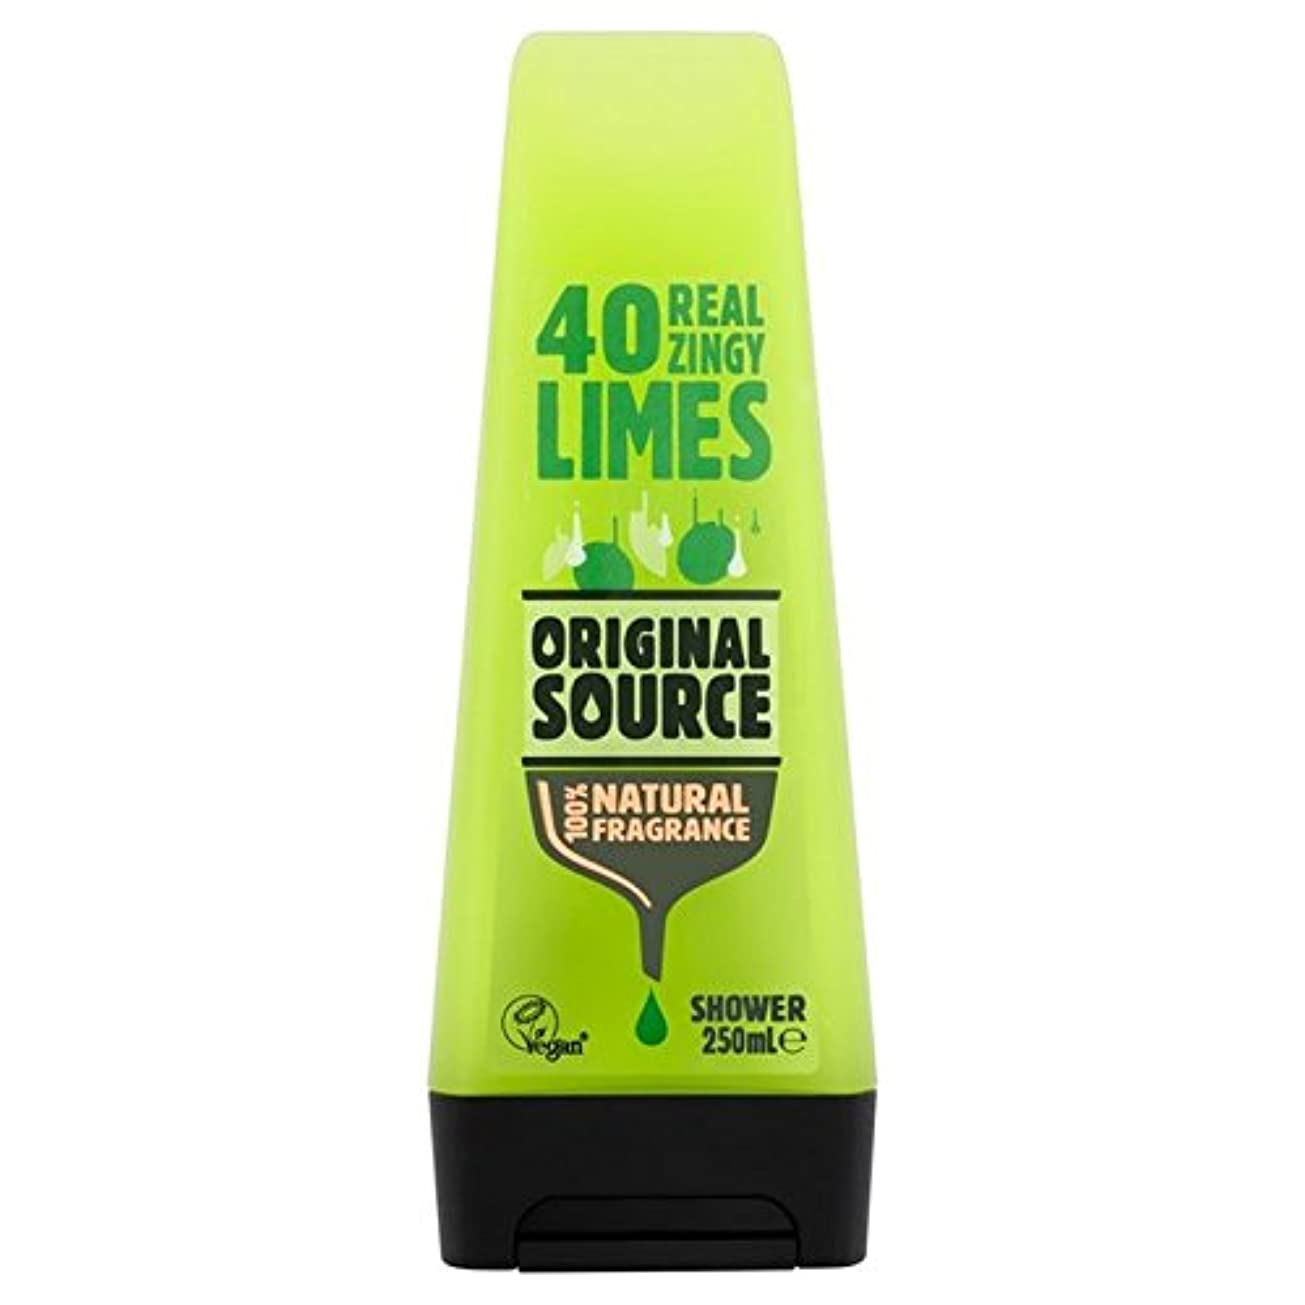 赤外線ソーシャル合図Original Source Lime Shower Gel 250ml (Pack of 6) - 元のソースライムシャワージェル250ミリリットル x6 [並行輸入品]